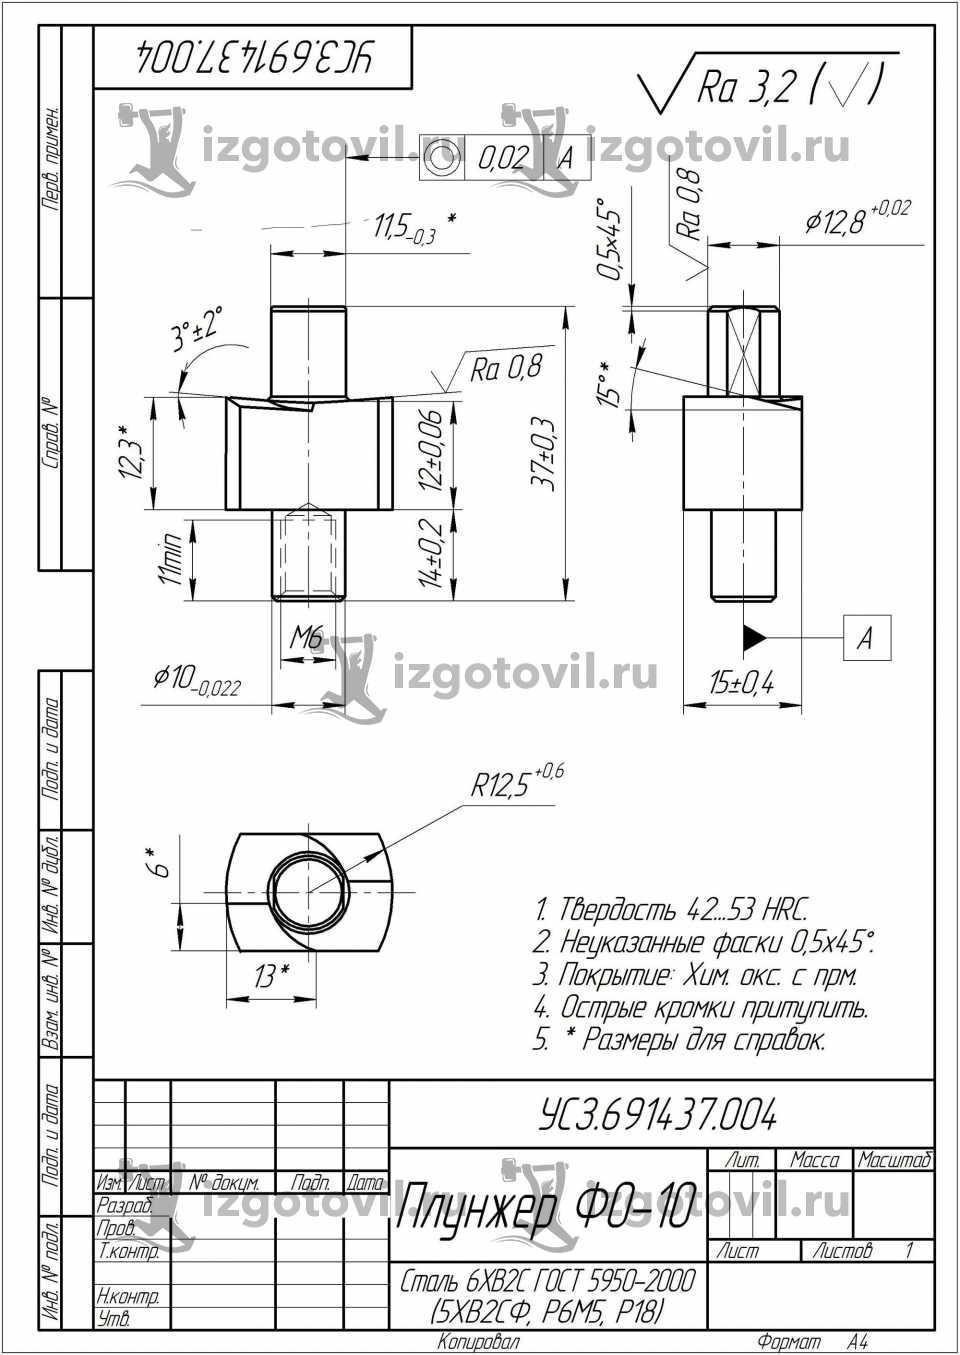 Токарная обработка ЧПУ - изготовление плунжеров